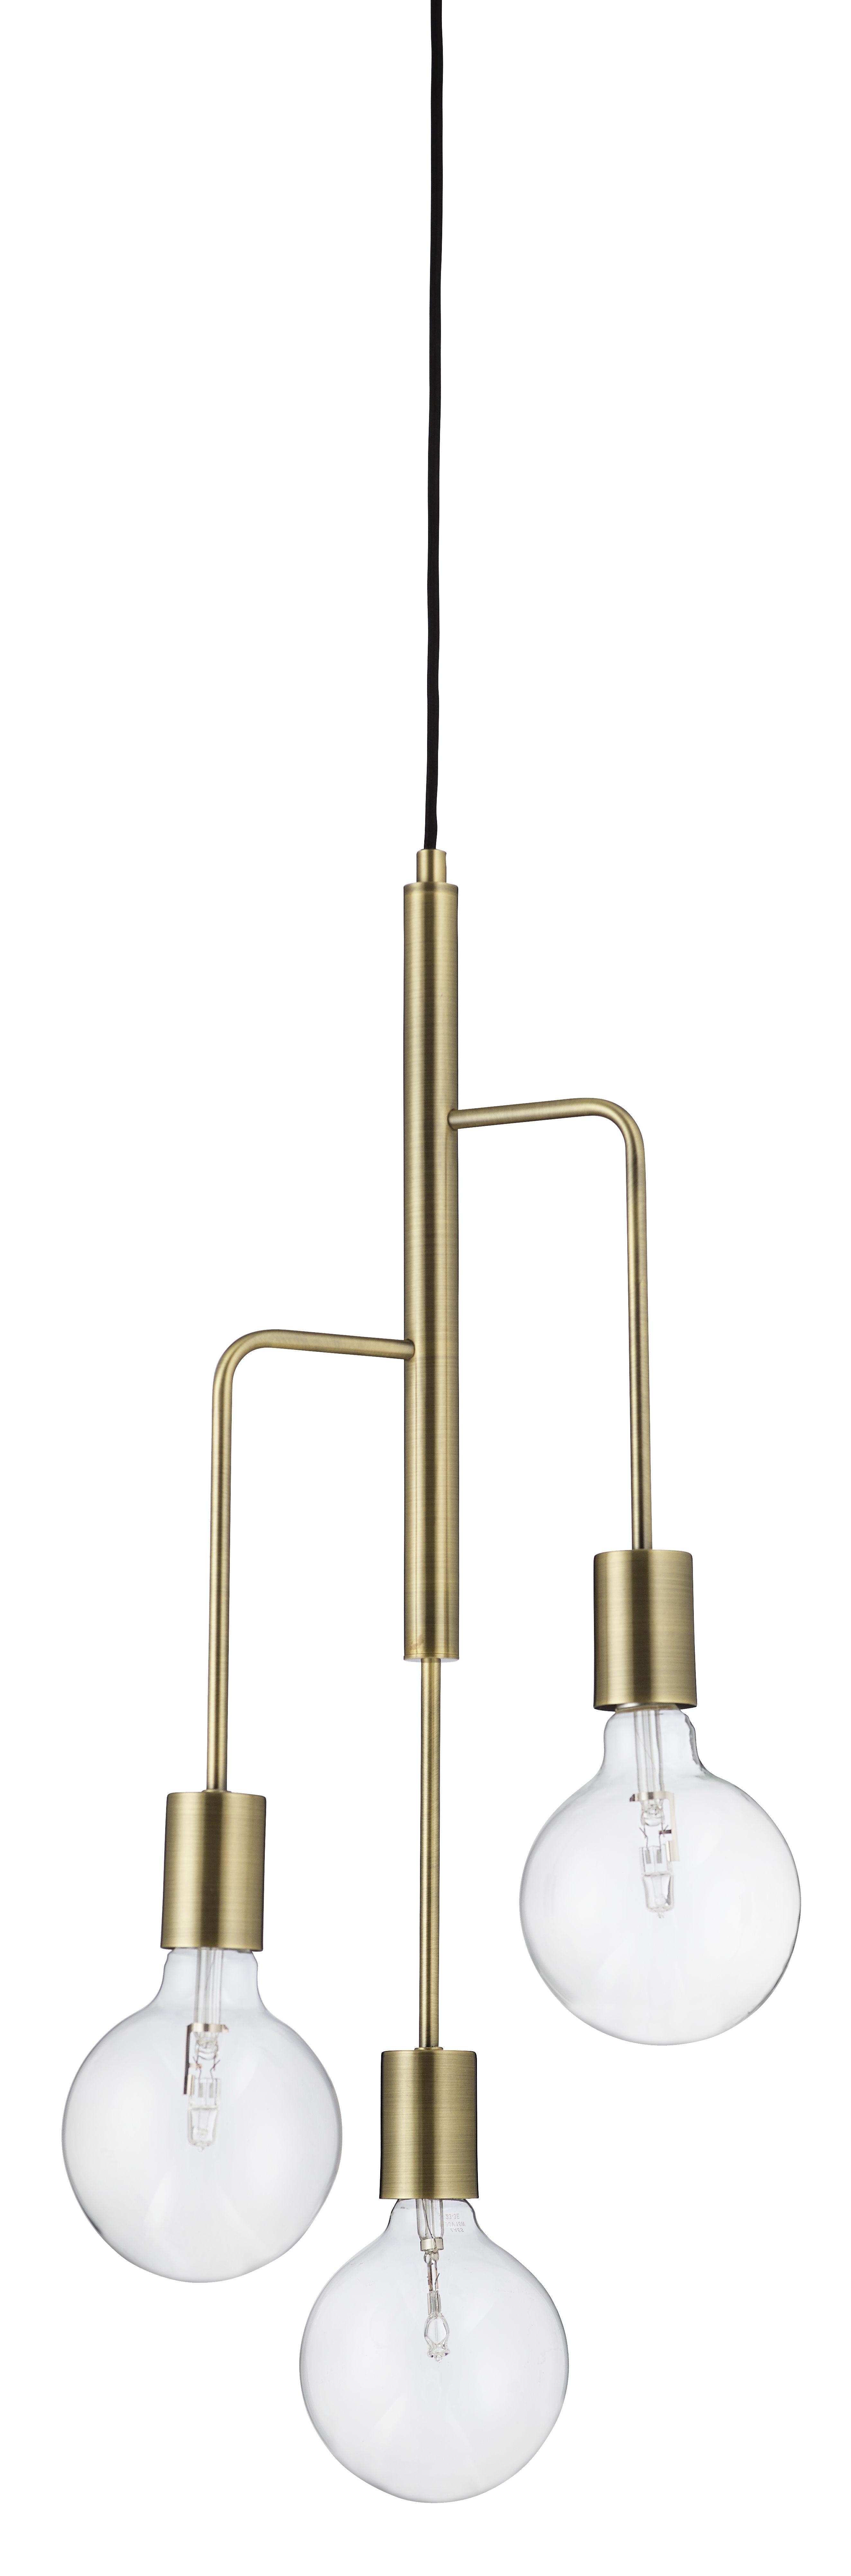 Illuminazione - Lampadari - Sospensione Cool / Ø 25 cm - Frandsen - Ottone opaco - metallo verniciato